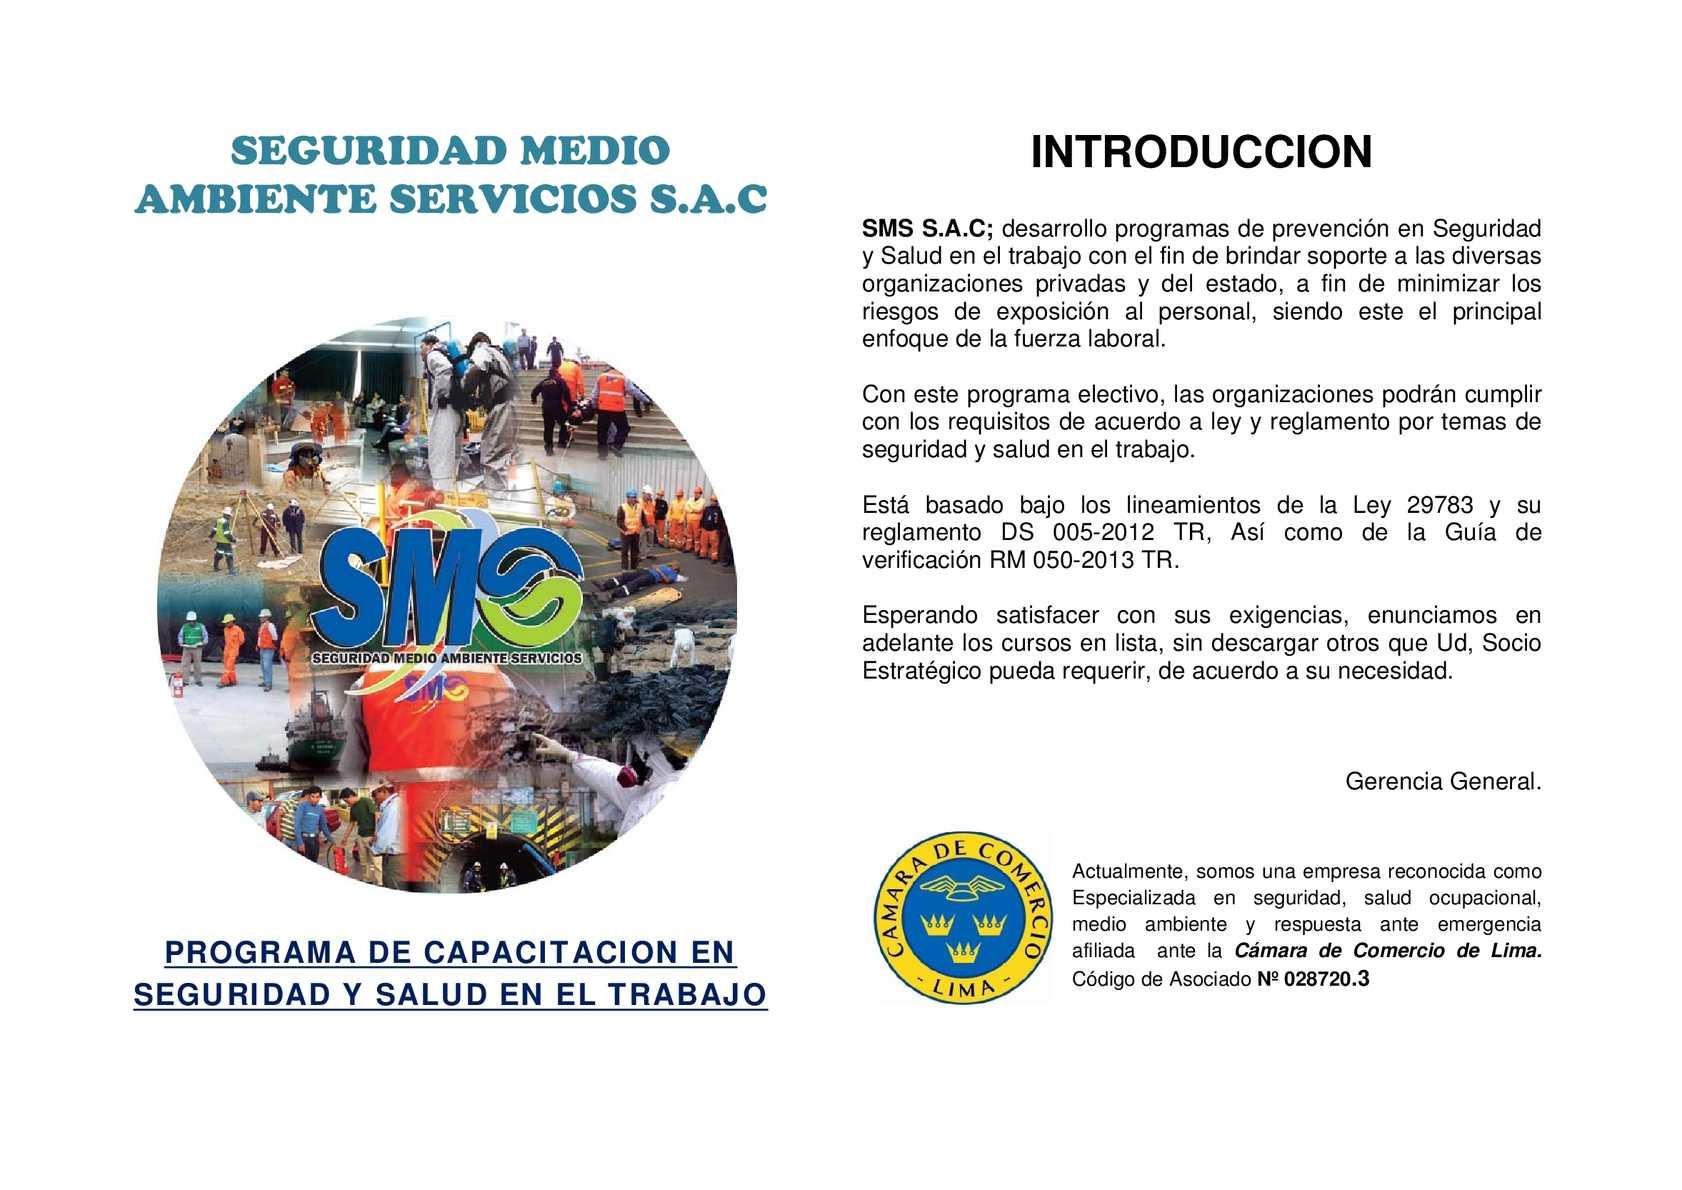 Calaméo - SEGURIDAD MEDIO AMBIENTE SERVICIOS S.A.C.